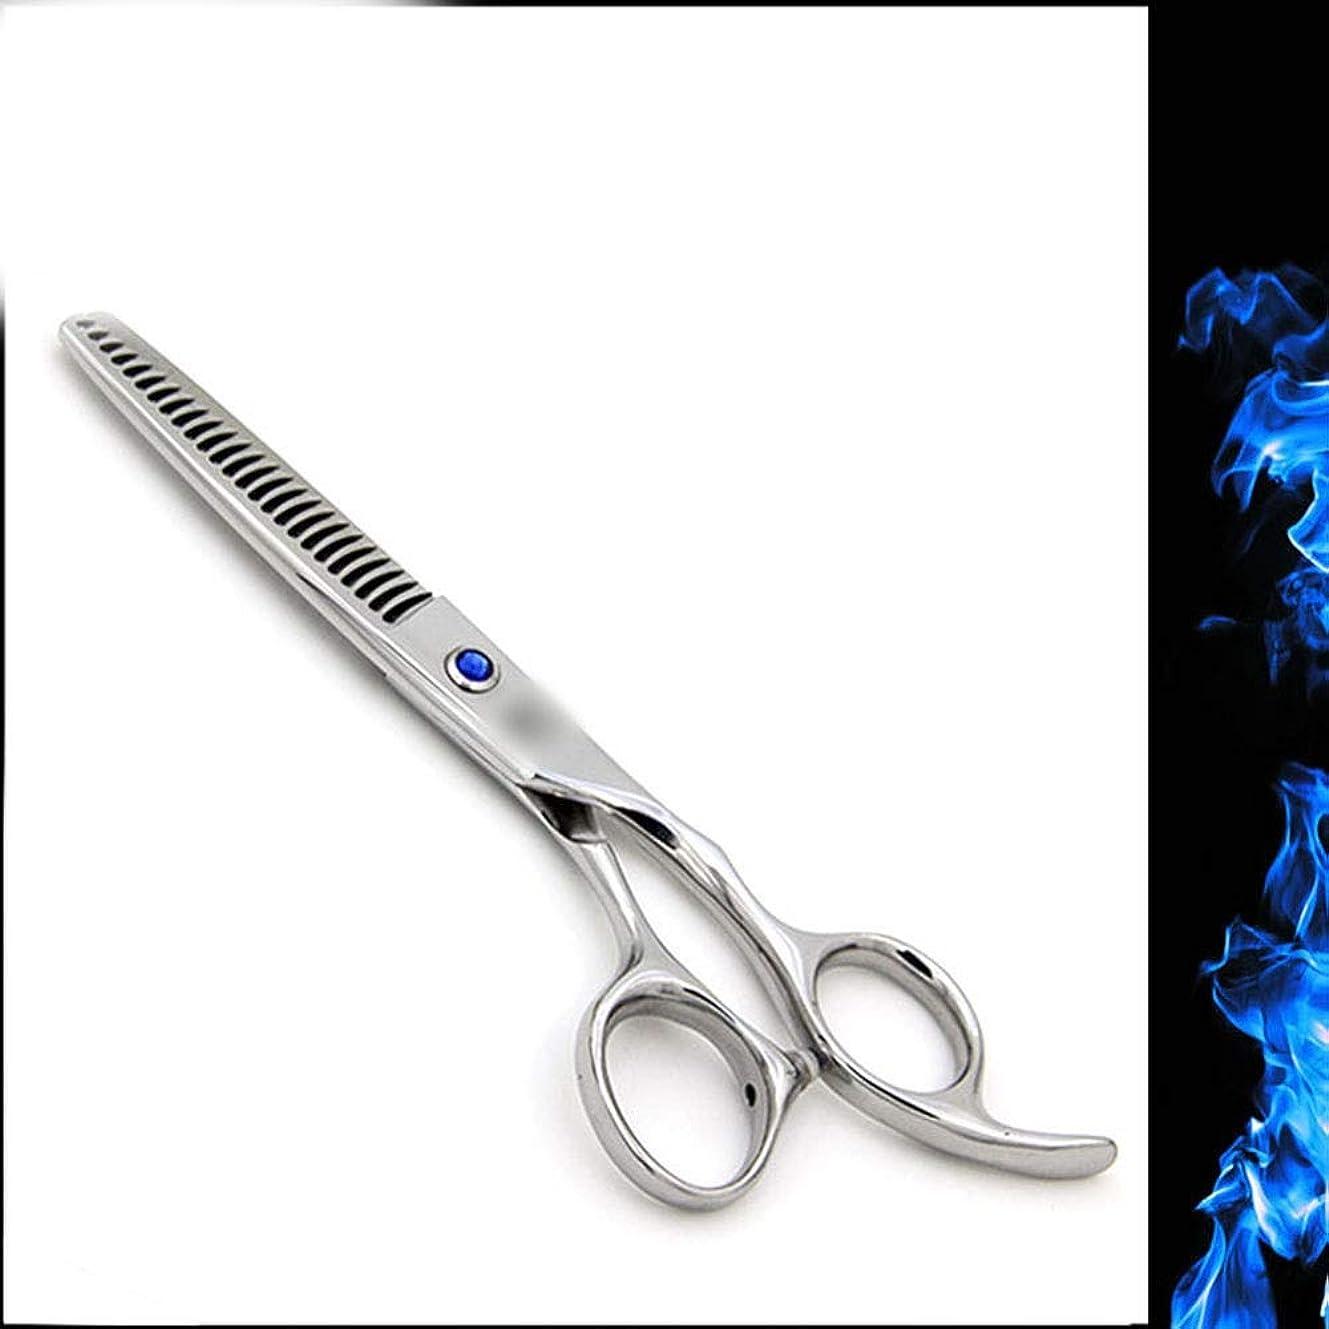 野なギャザーシロナガスクジラ6インチ美容院特別台形間伐歯はさみ、美容院プロフェッショナルハイエンド理髪はさみ モデリングツール (色 : Silver)